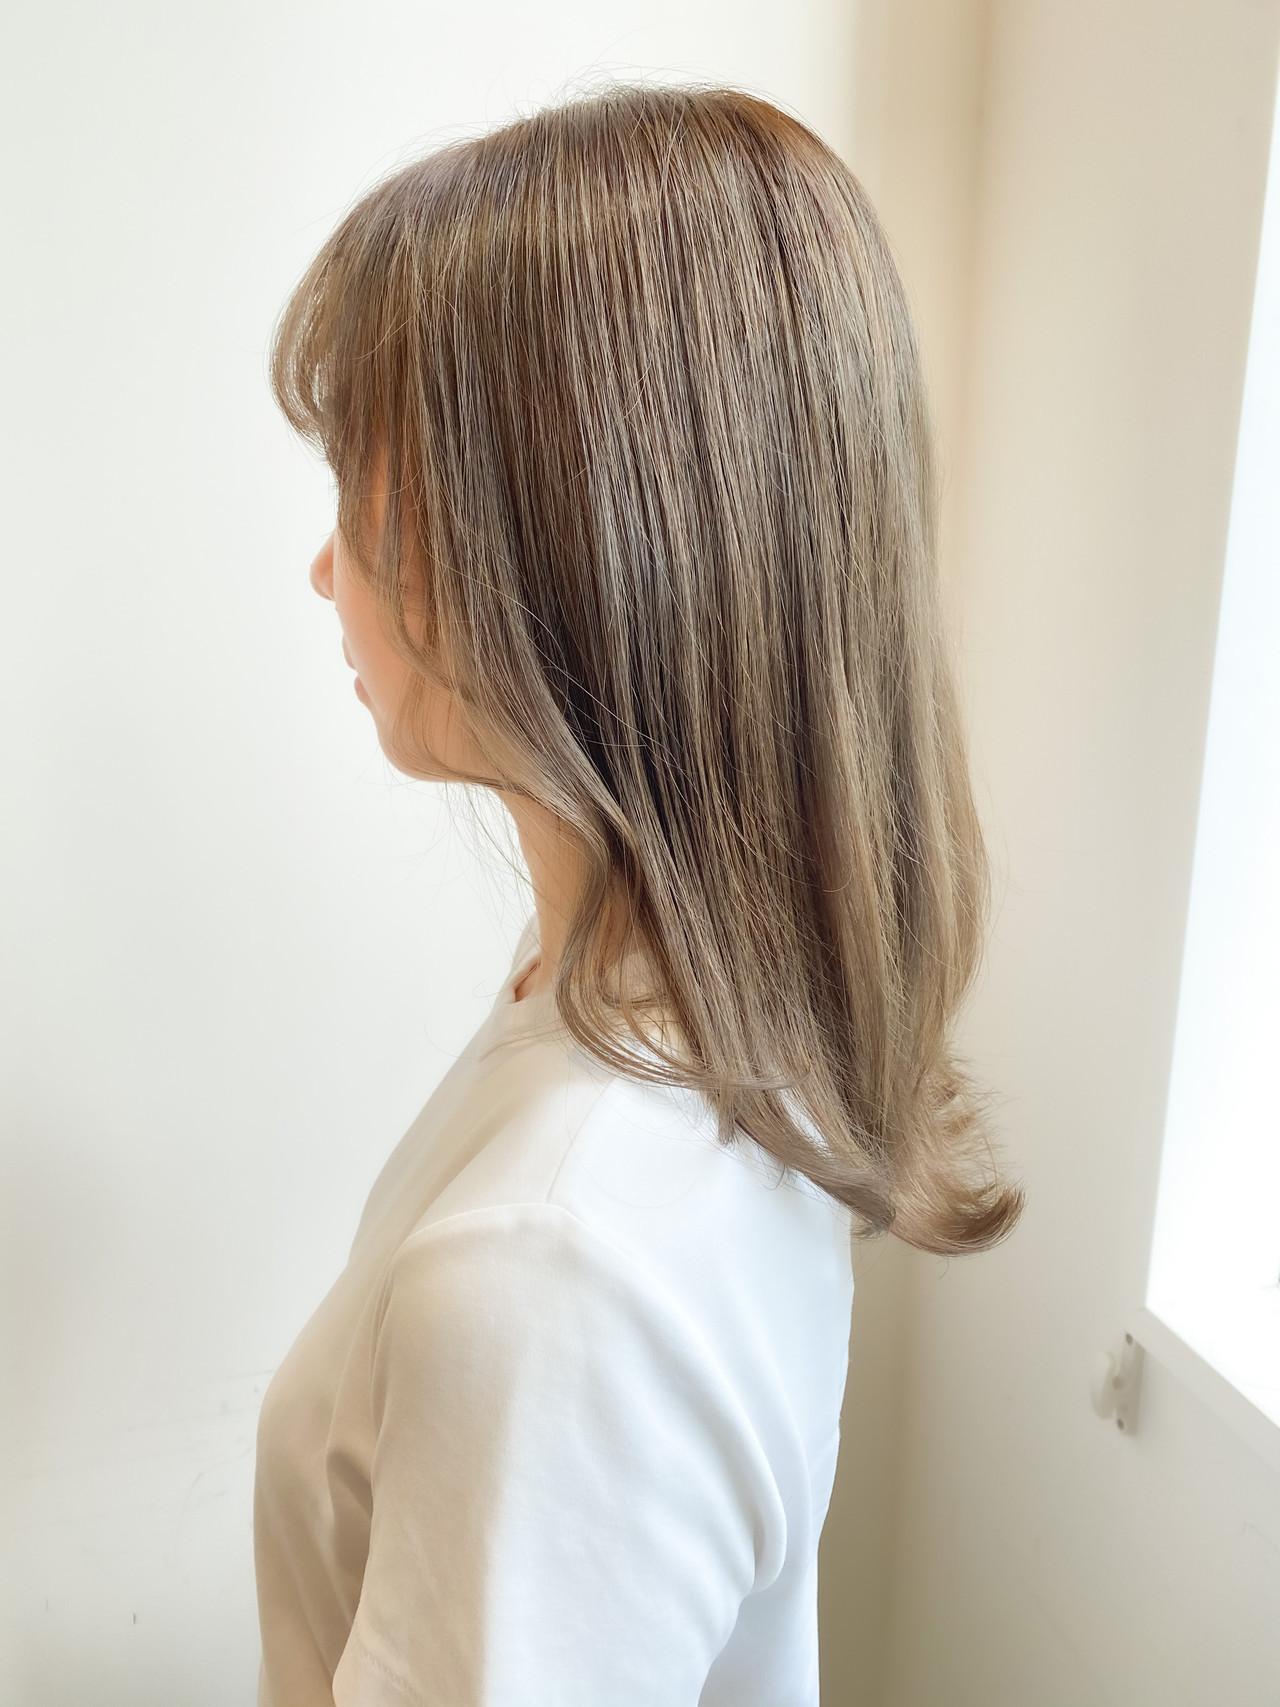 セミロング ミルクティーベージュ ミルクティーブラウン ミルクティー ヘアスタイルや髪型の写真・画像